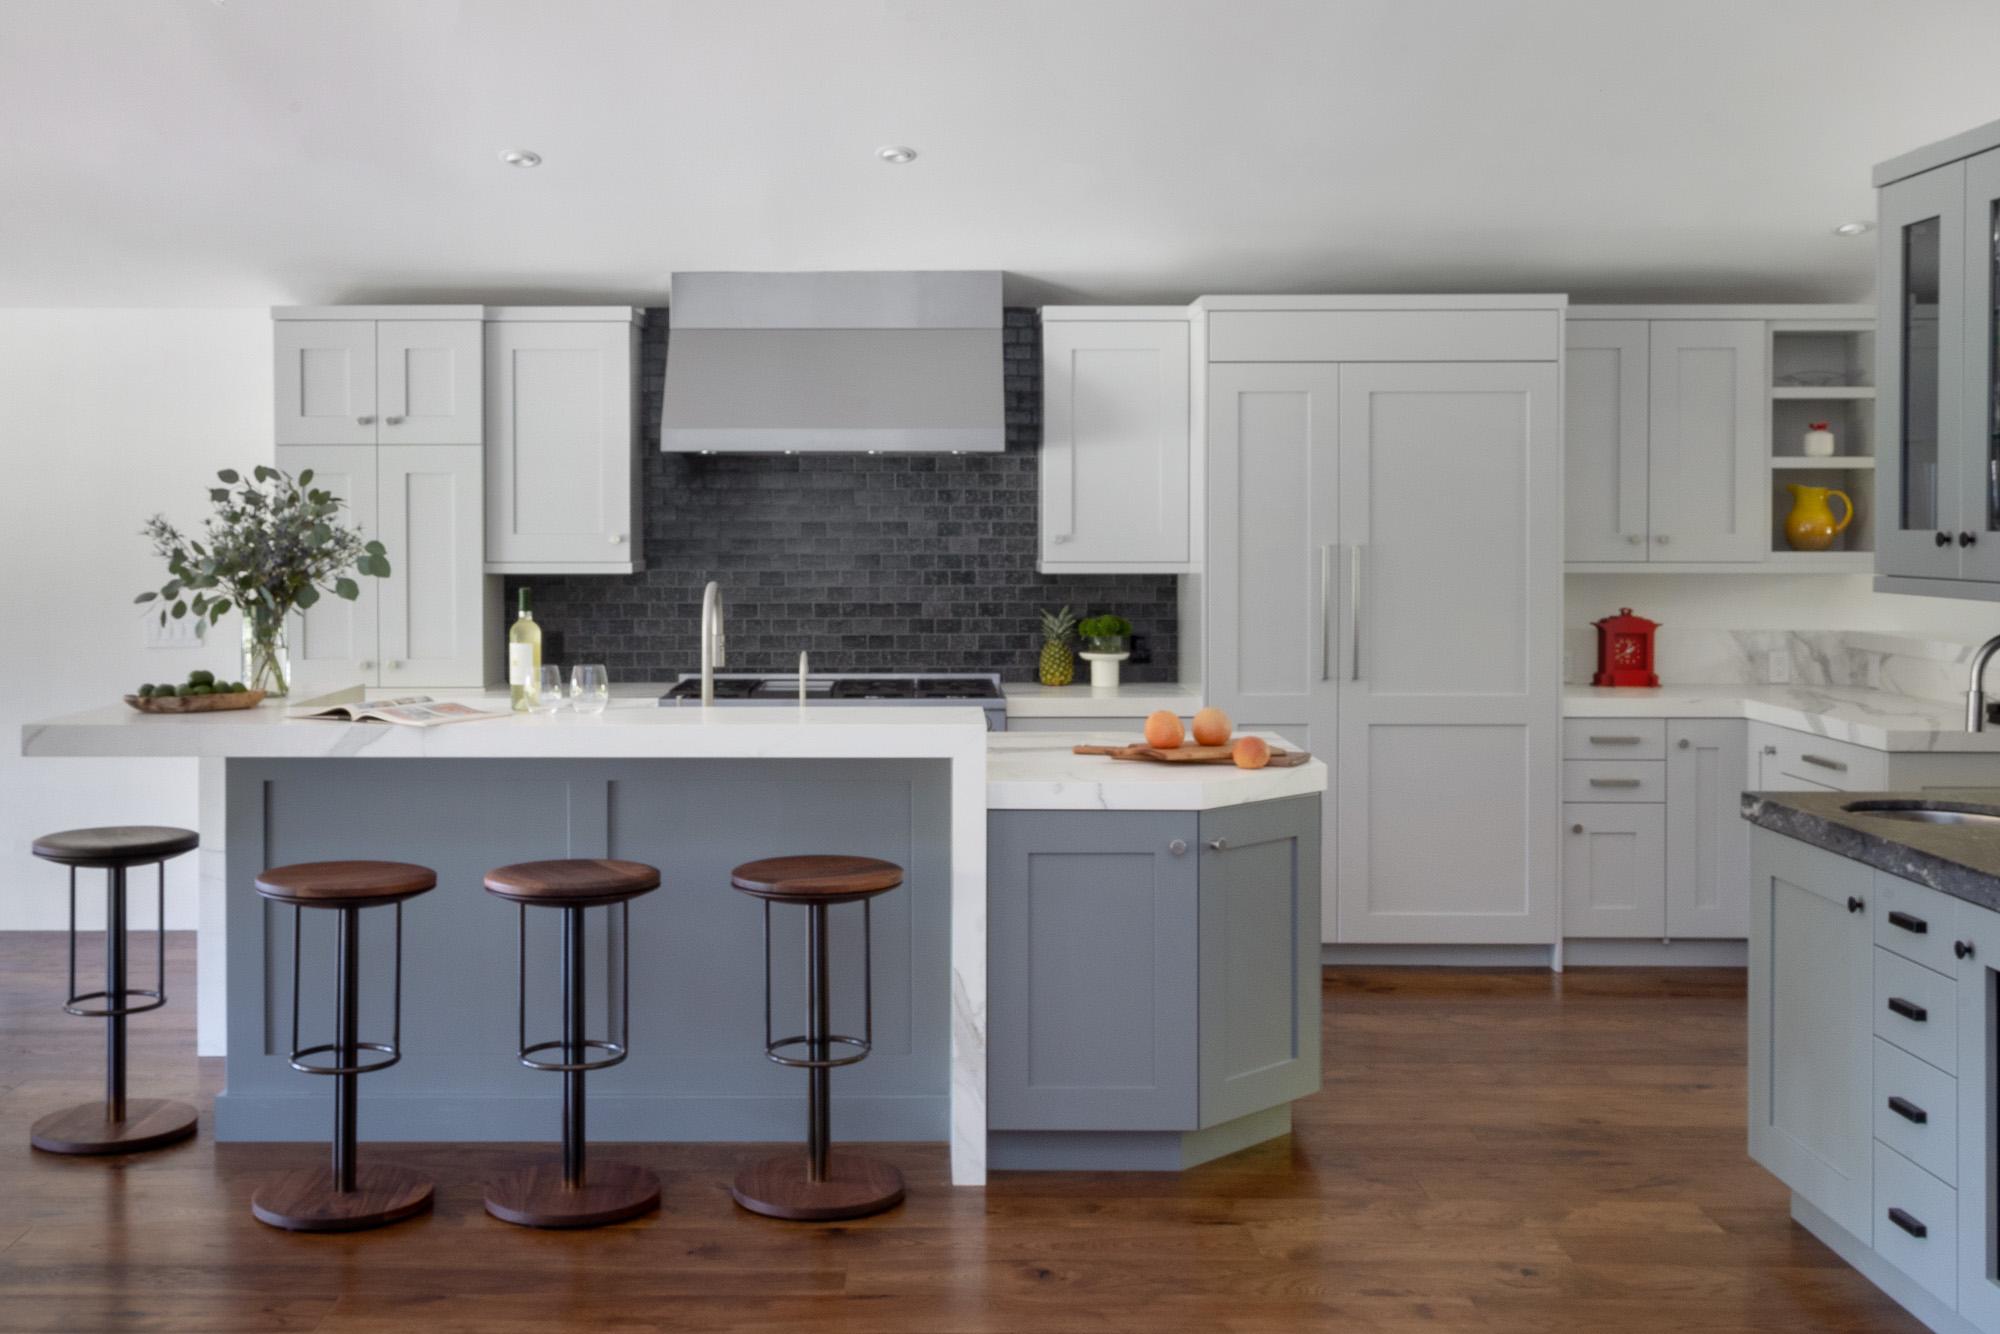 interior-designer-kitchen-6.jpg